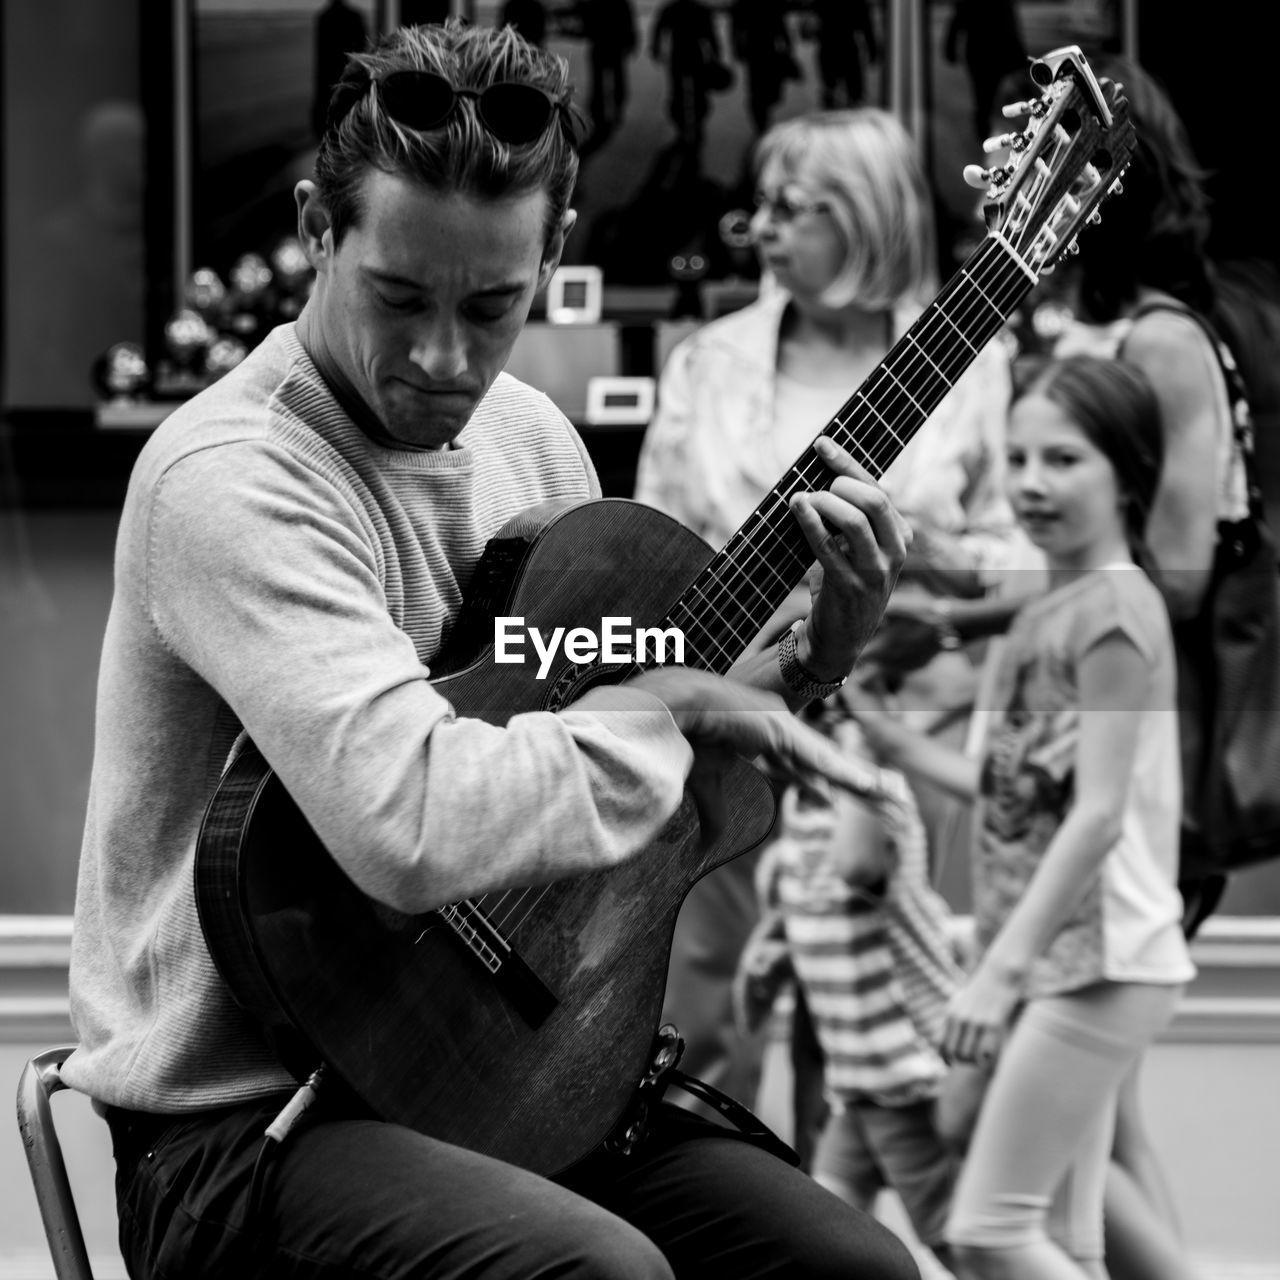 MEN PLAYING GUITAR